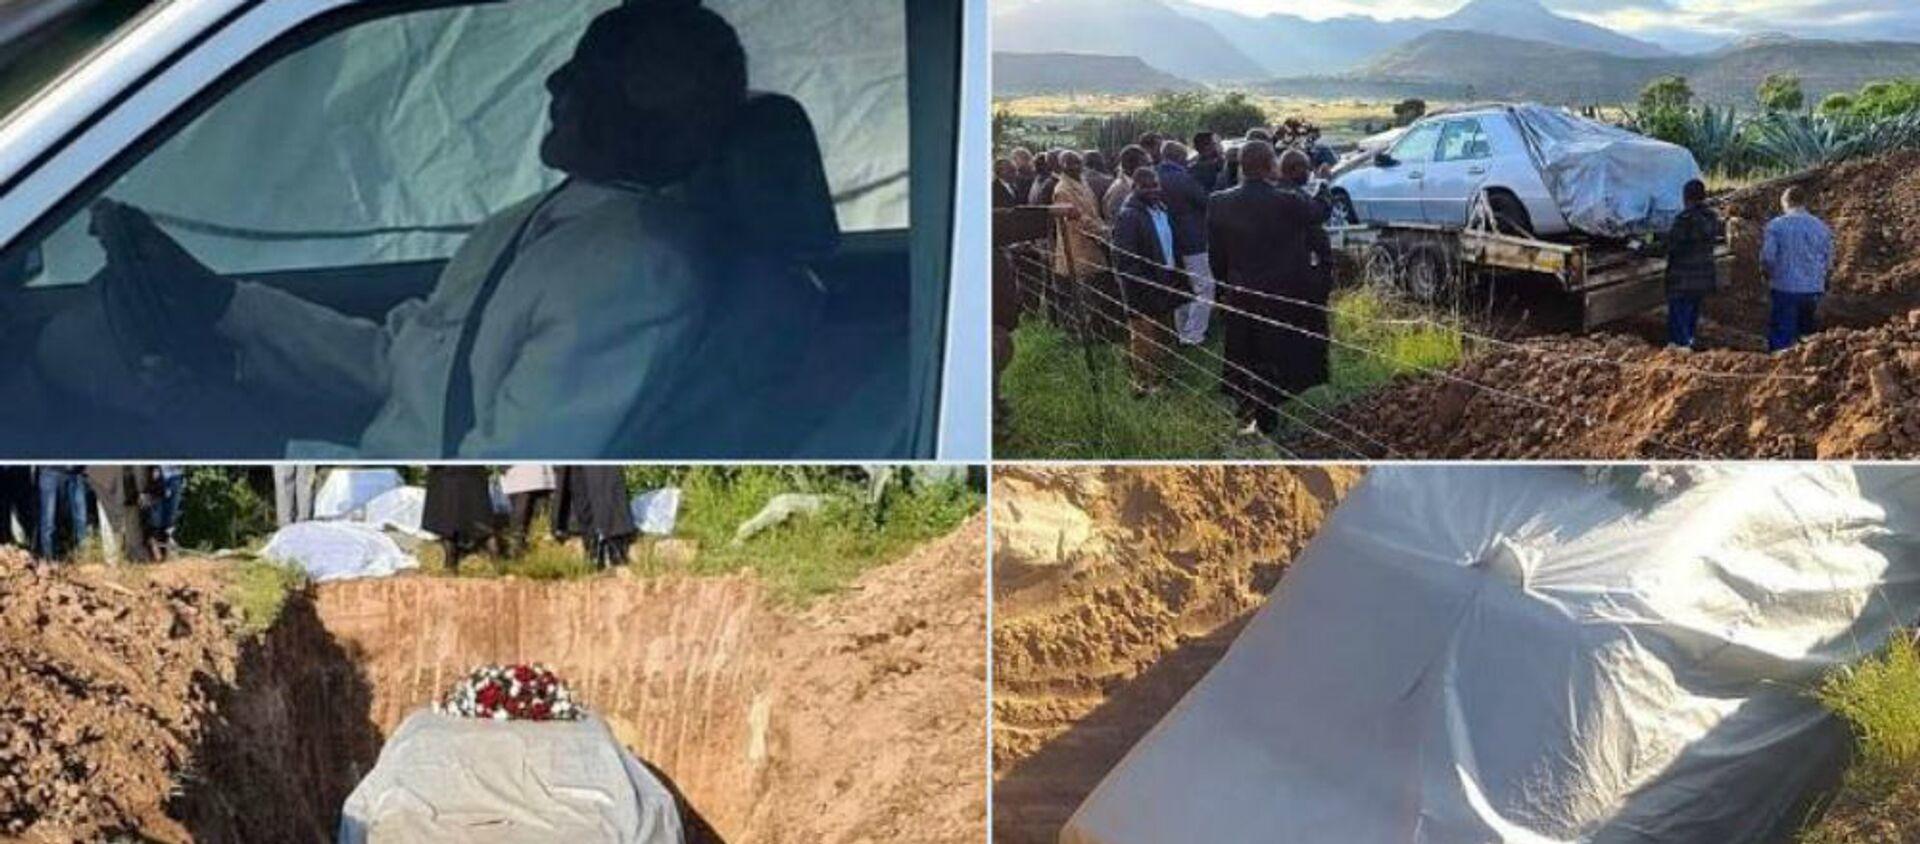 Φύλαρχος στη Νότια Αφρική θάφτηκε στην αγαπημένη του Mercedes - Sputnik Ελλάδα, 1920, 02.04.2020